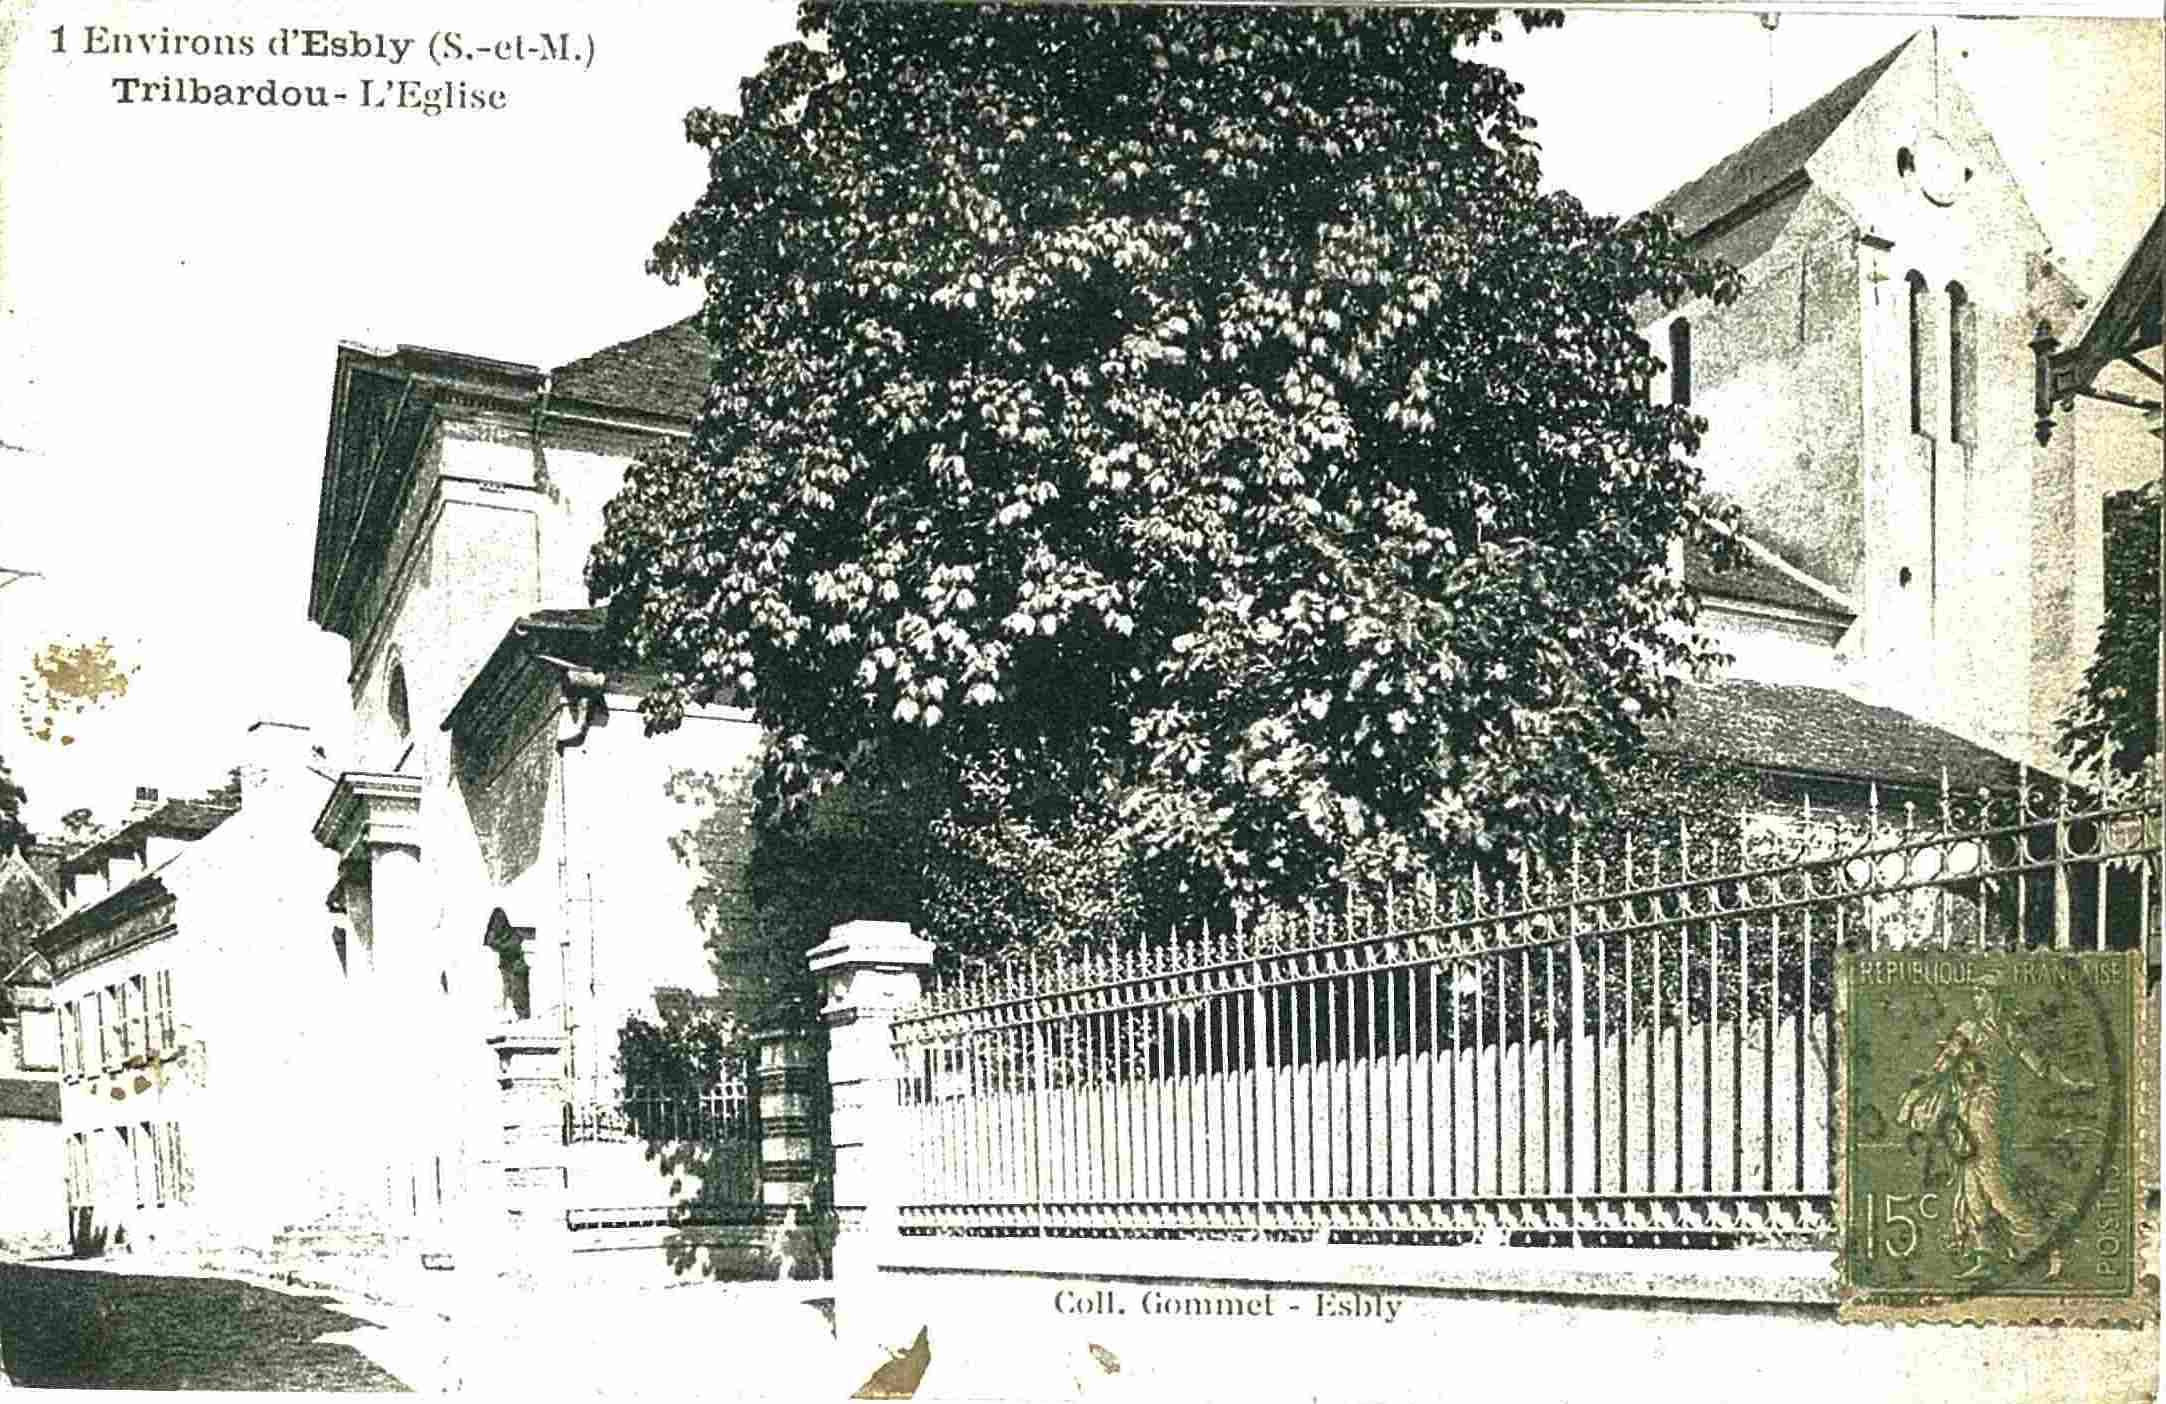 Eglise0076.jpg